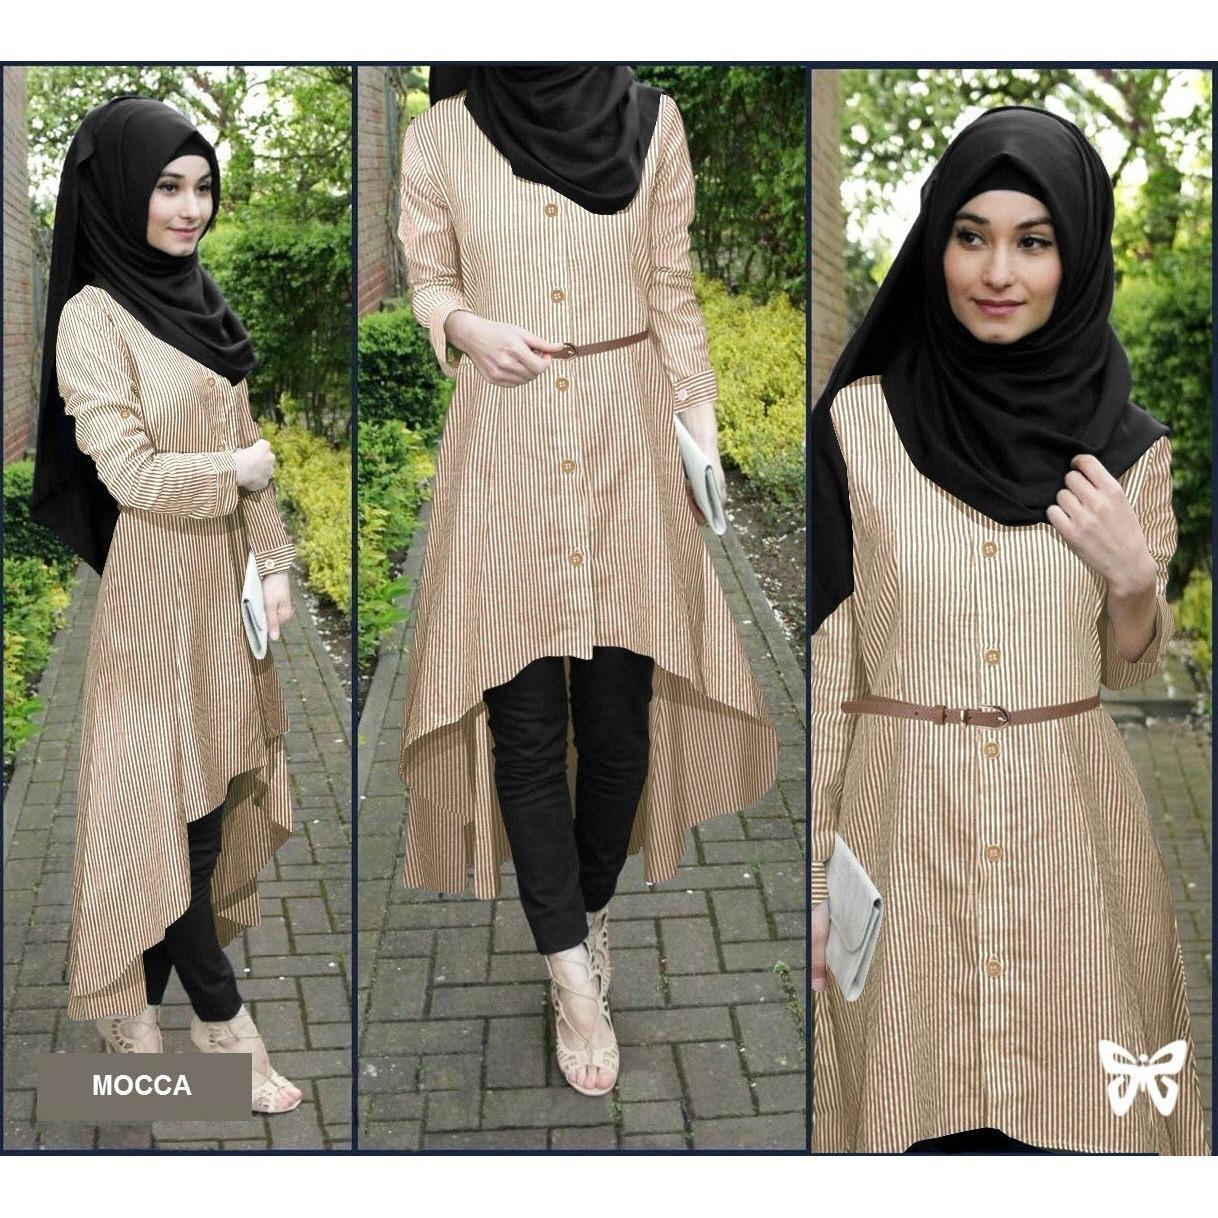 Spesifikasi Flavia Store Baju Muslim Wanita Set 4 In 1 Salur Fs0692 Coklat Mocca Setelan Muslimah Stelan Gamis Hijab Atasan Blouse Terusan Kemeja Tunik Lengan Panjang Garis Bawahan Celana Srsafirasalur Beserta Harganya